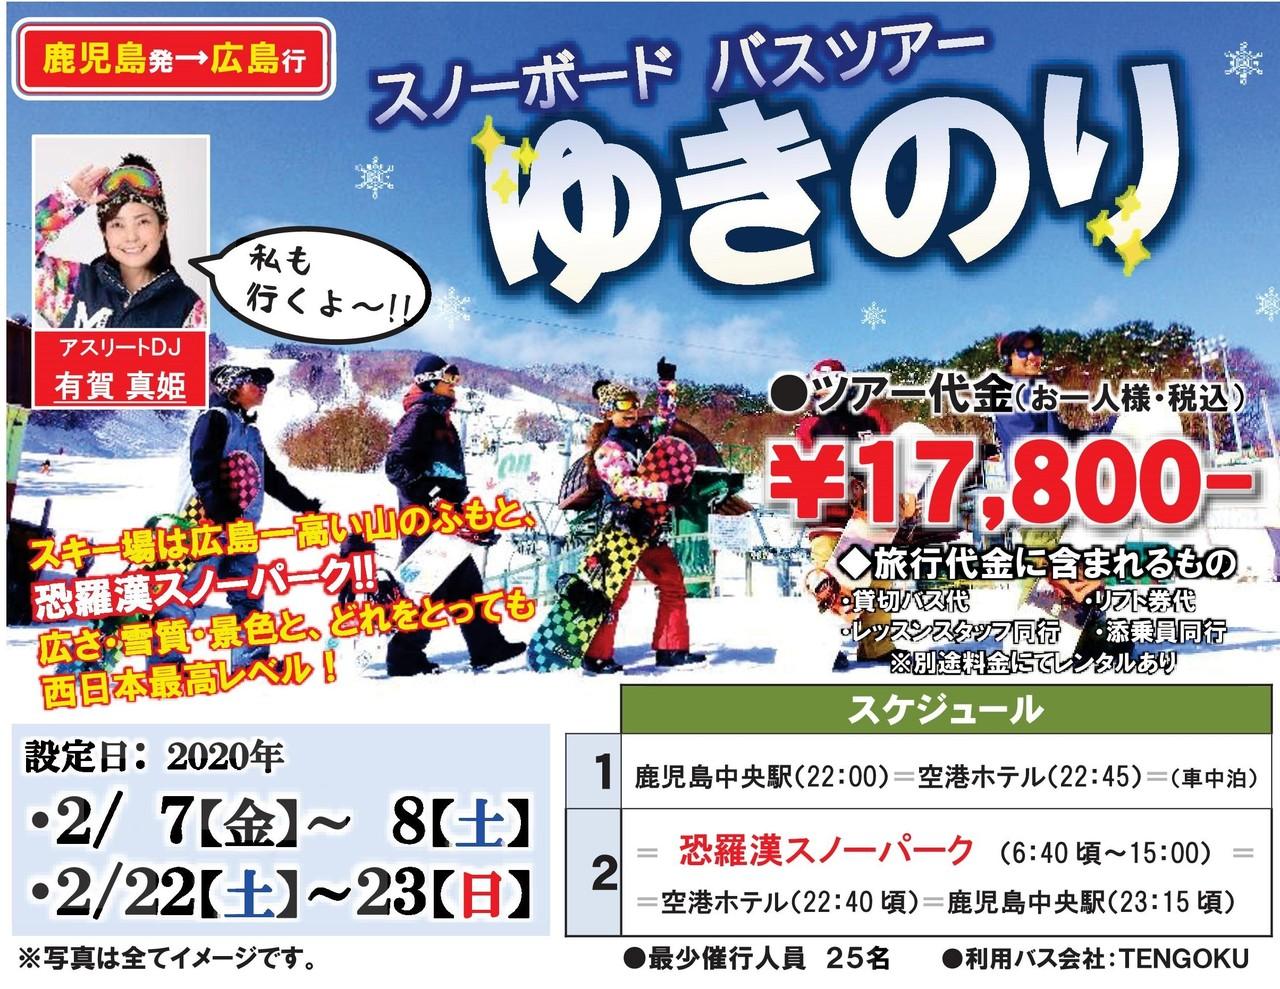 スノーボードバスツアー★ゆきのり★2日間